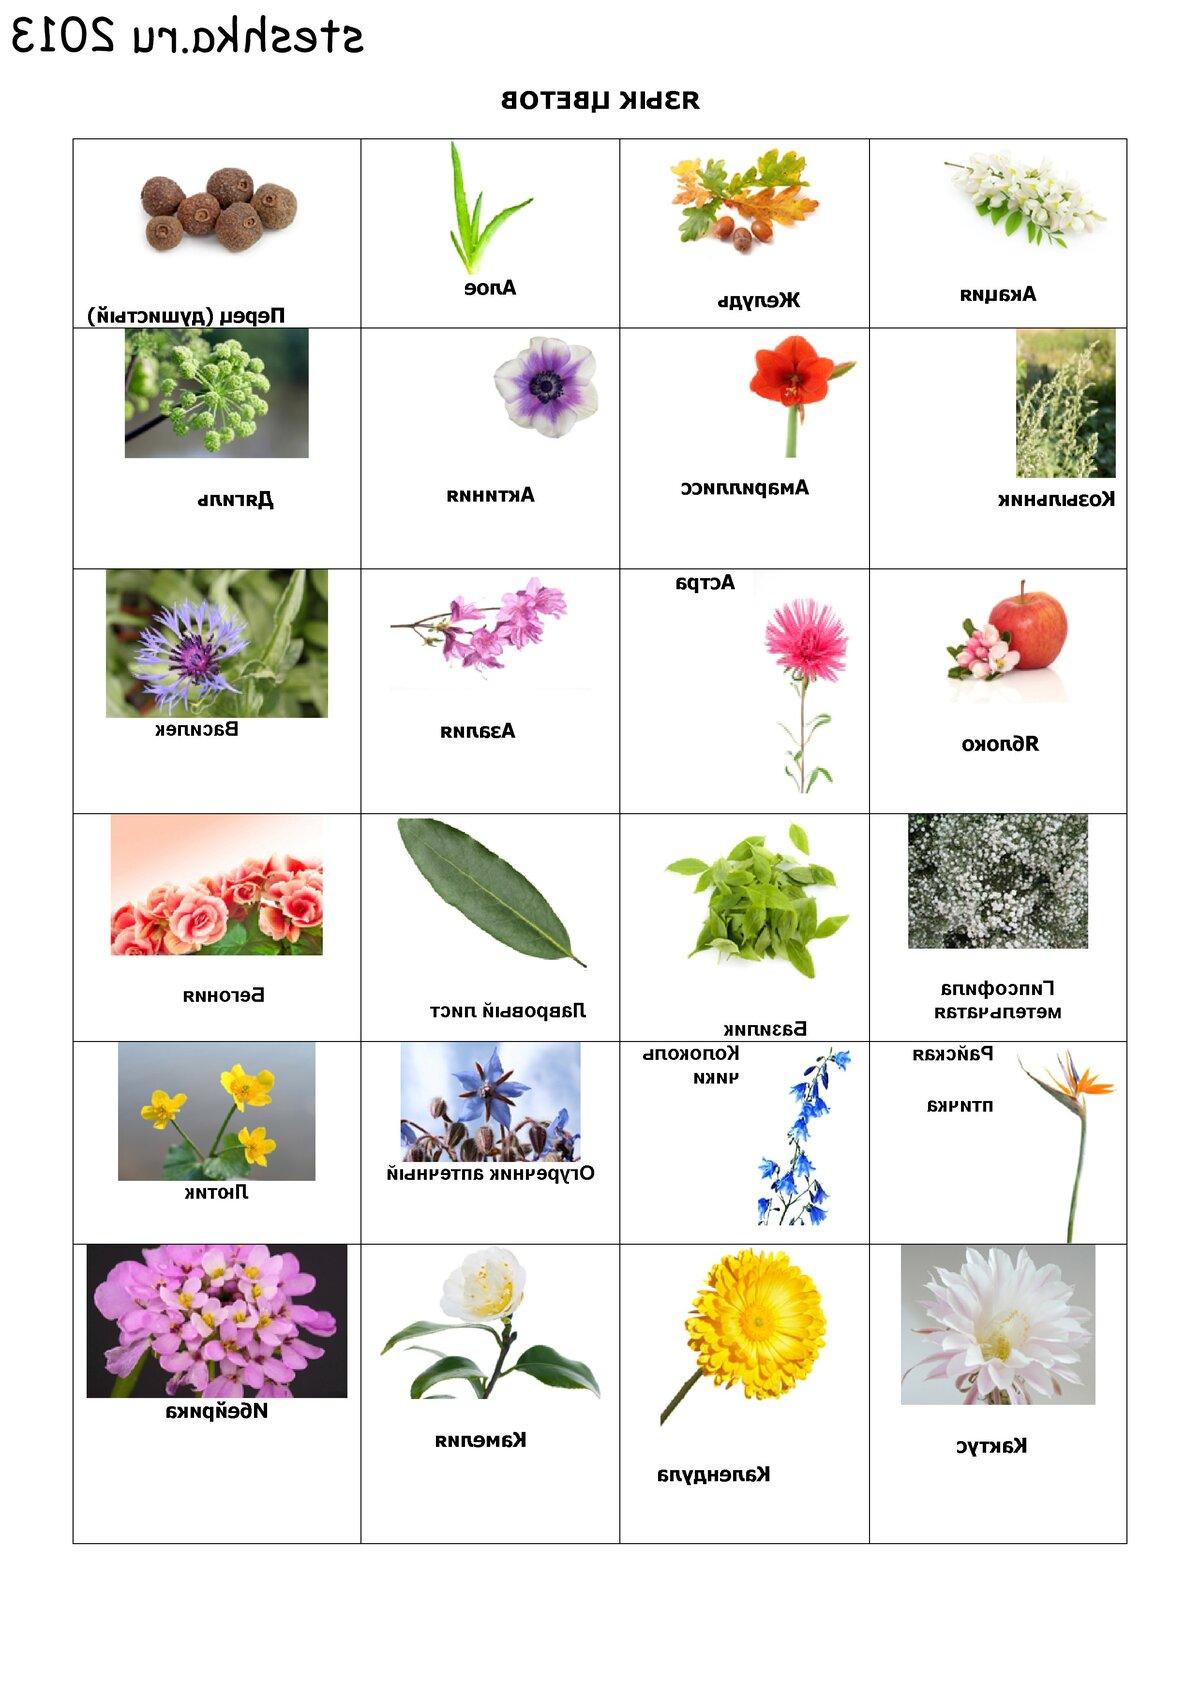 названия садовых с картинками по алфавиту хаутен уже несколько